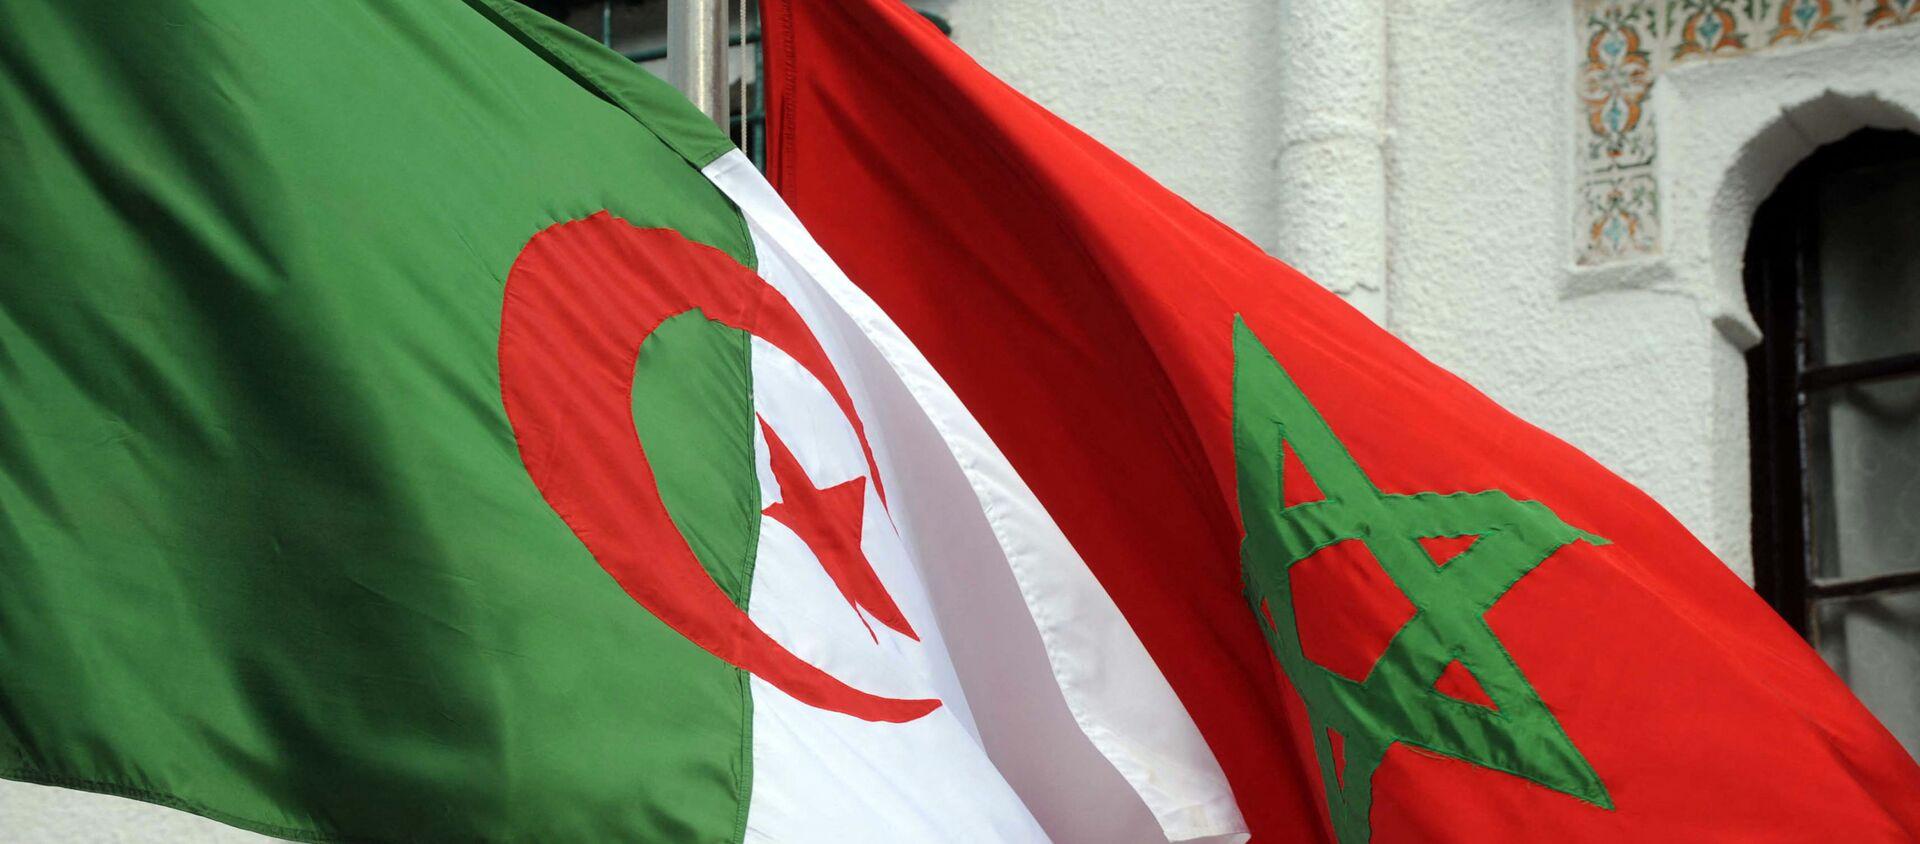 Drapeaux de l'Algérie et du Maroc (photo d'archives) - Sputnik France, 1920, 18.07.2021